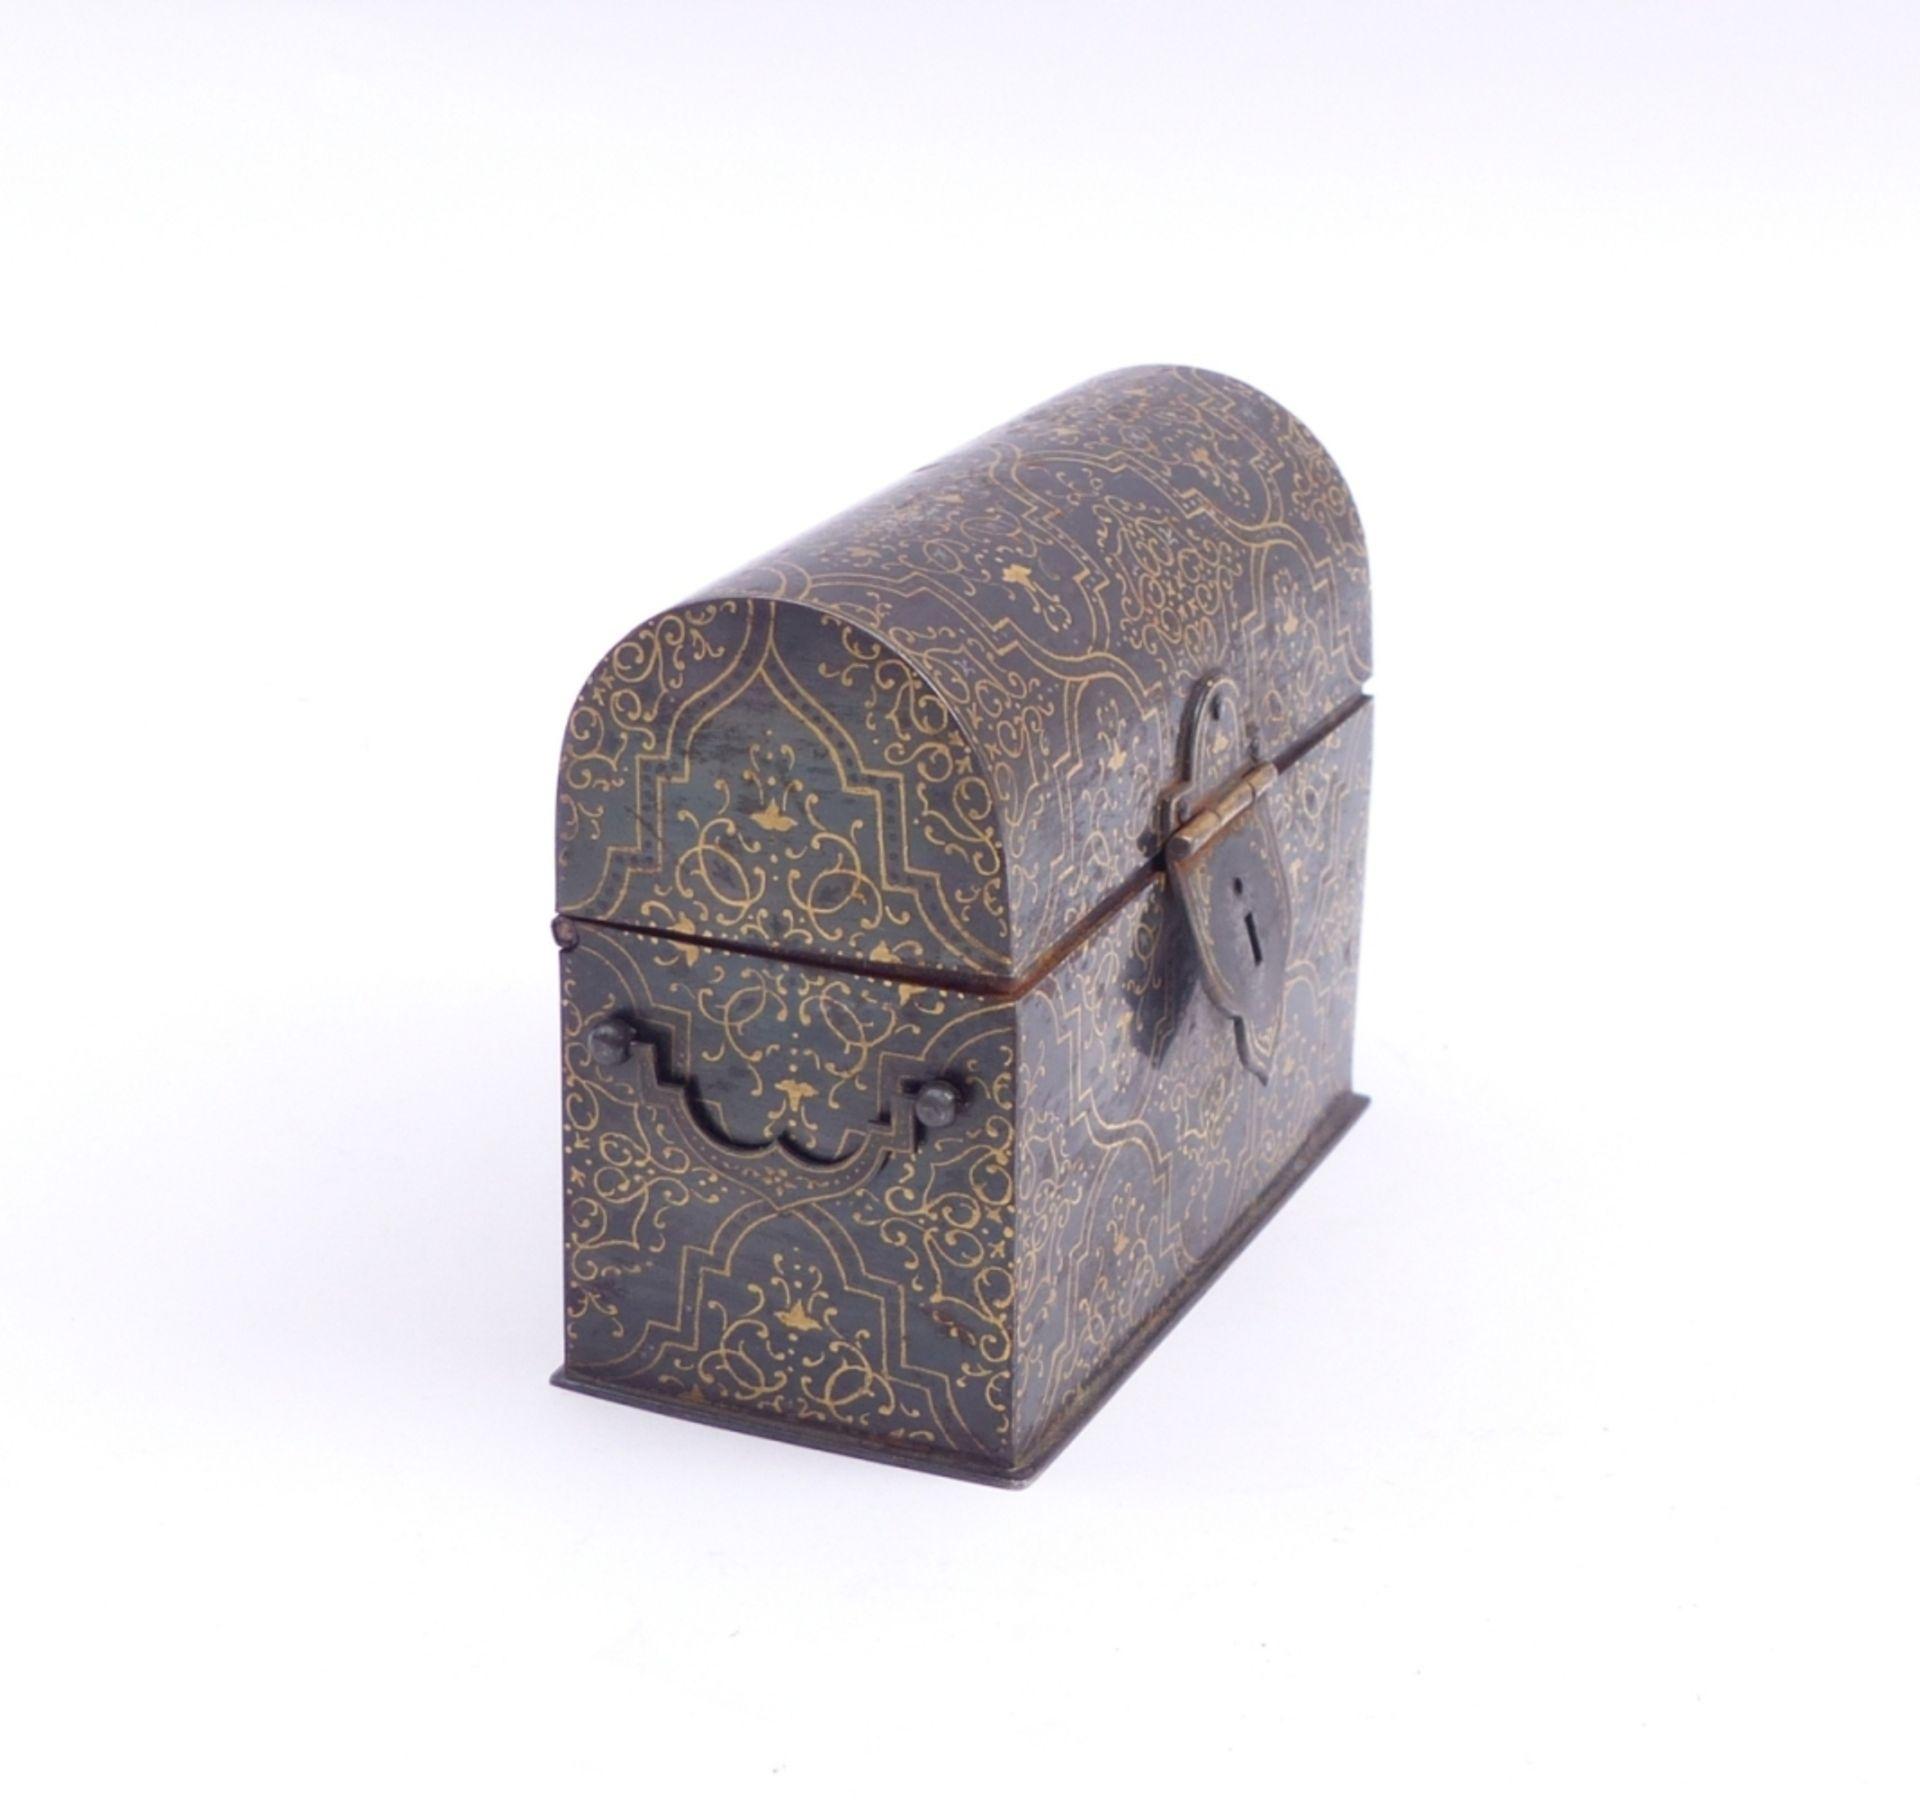 Miniaturkästchen in Truhenform - Bild 2 aus 3